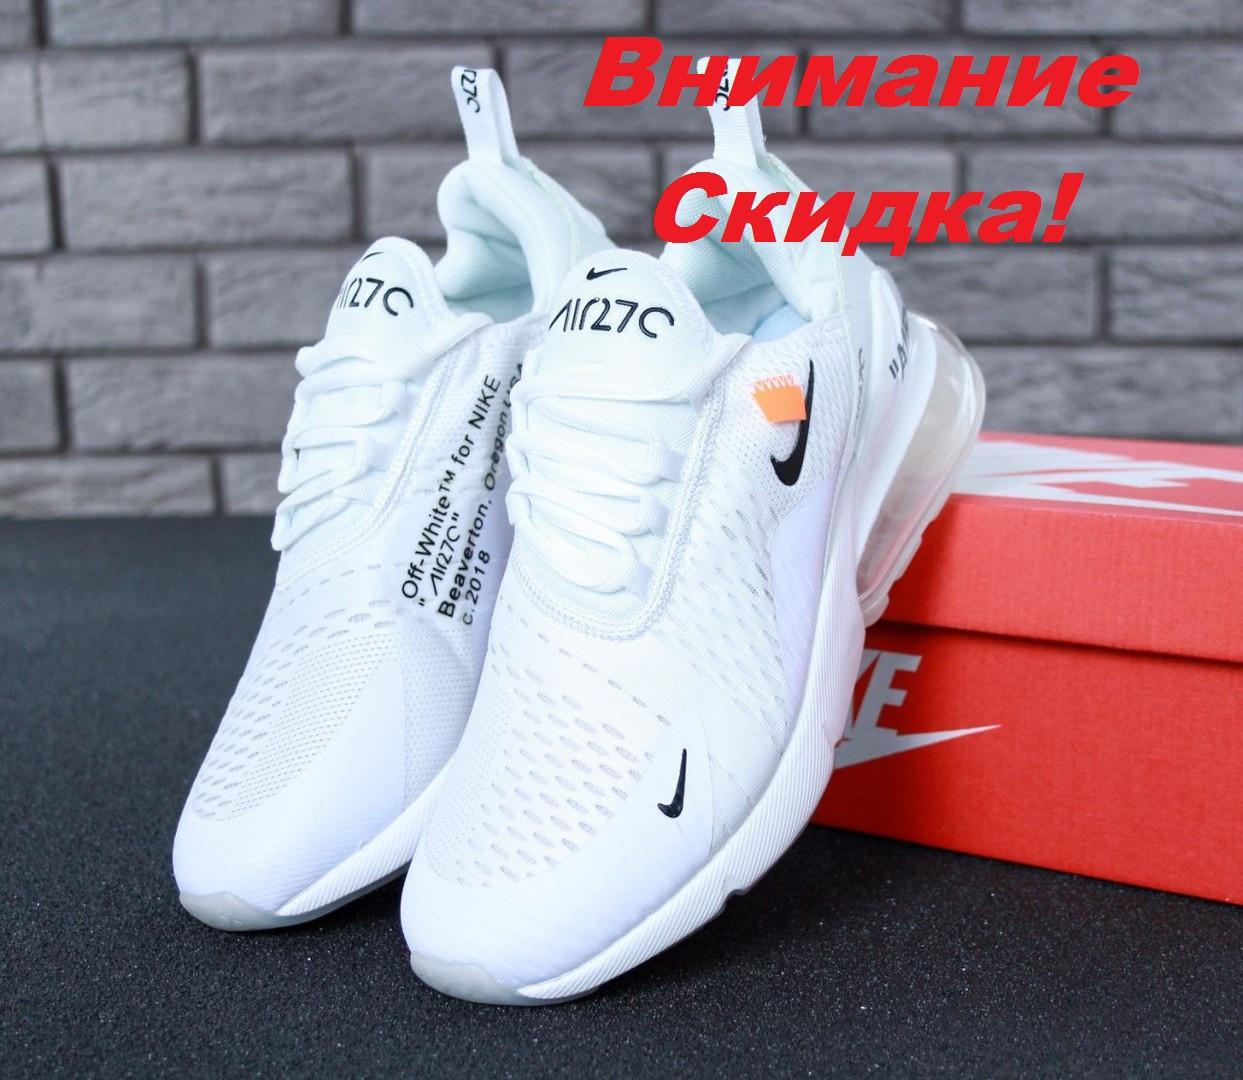 0c710270 Кроссовки женские Off White x Nike Air Max 270 в стиле Найк Аир Макс 270  белые